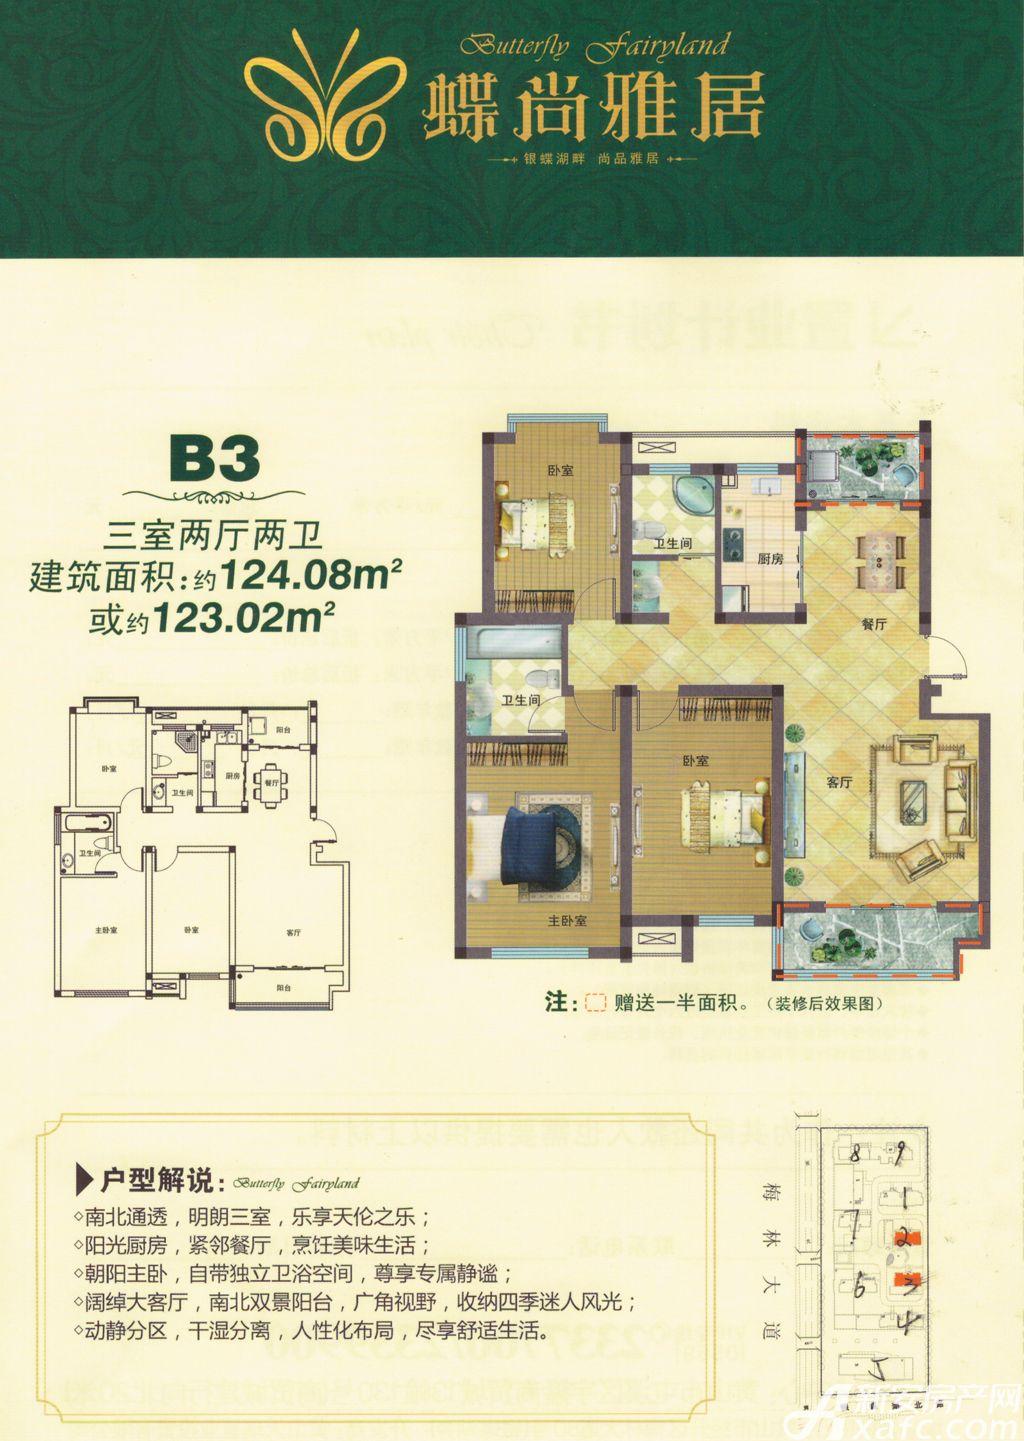 蝶尚雅居B3户型3室2厅124平米